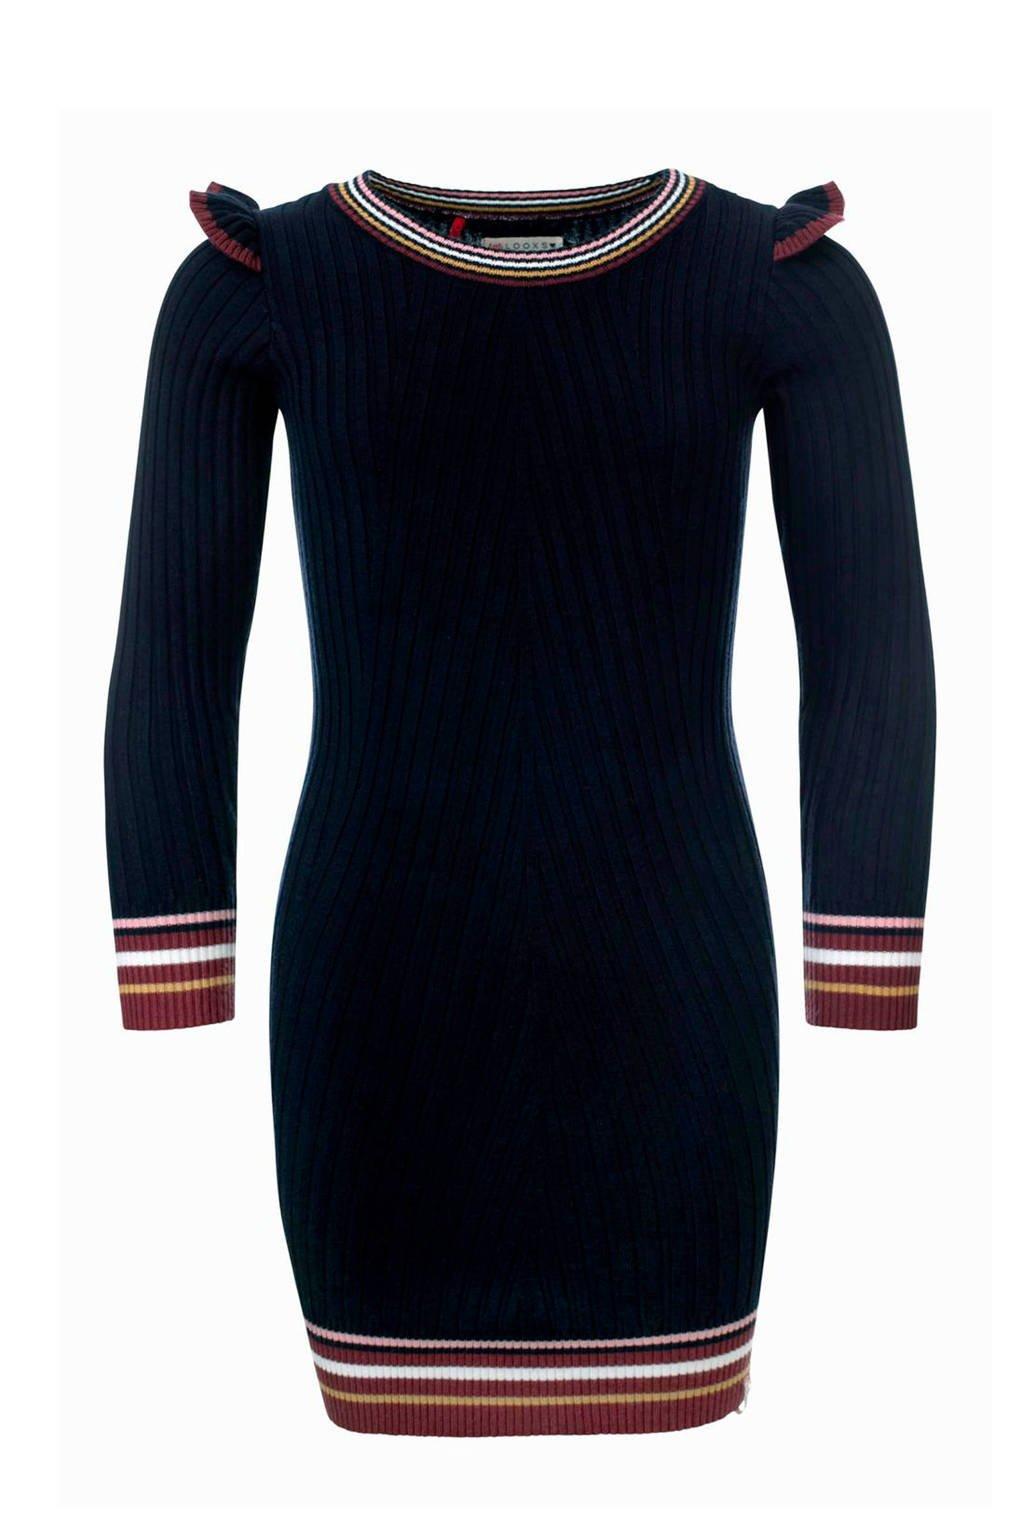 LOOXS Little gestreepte jurk marine, Marine